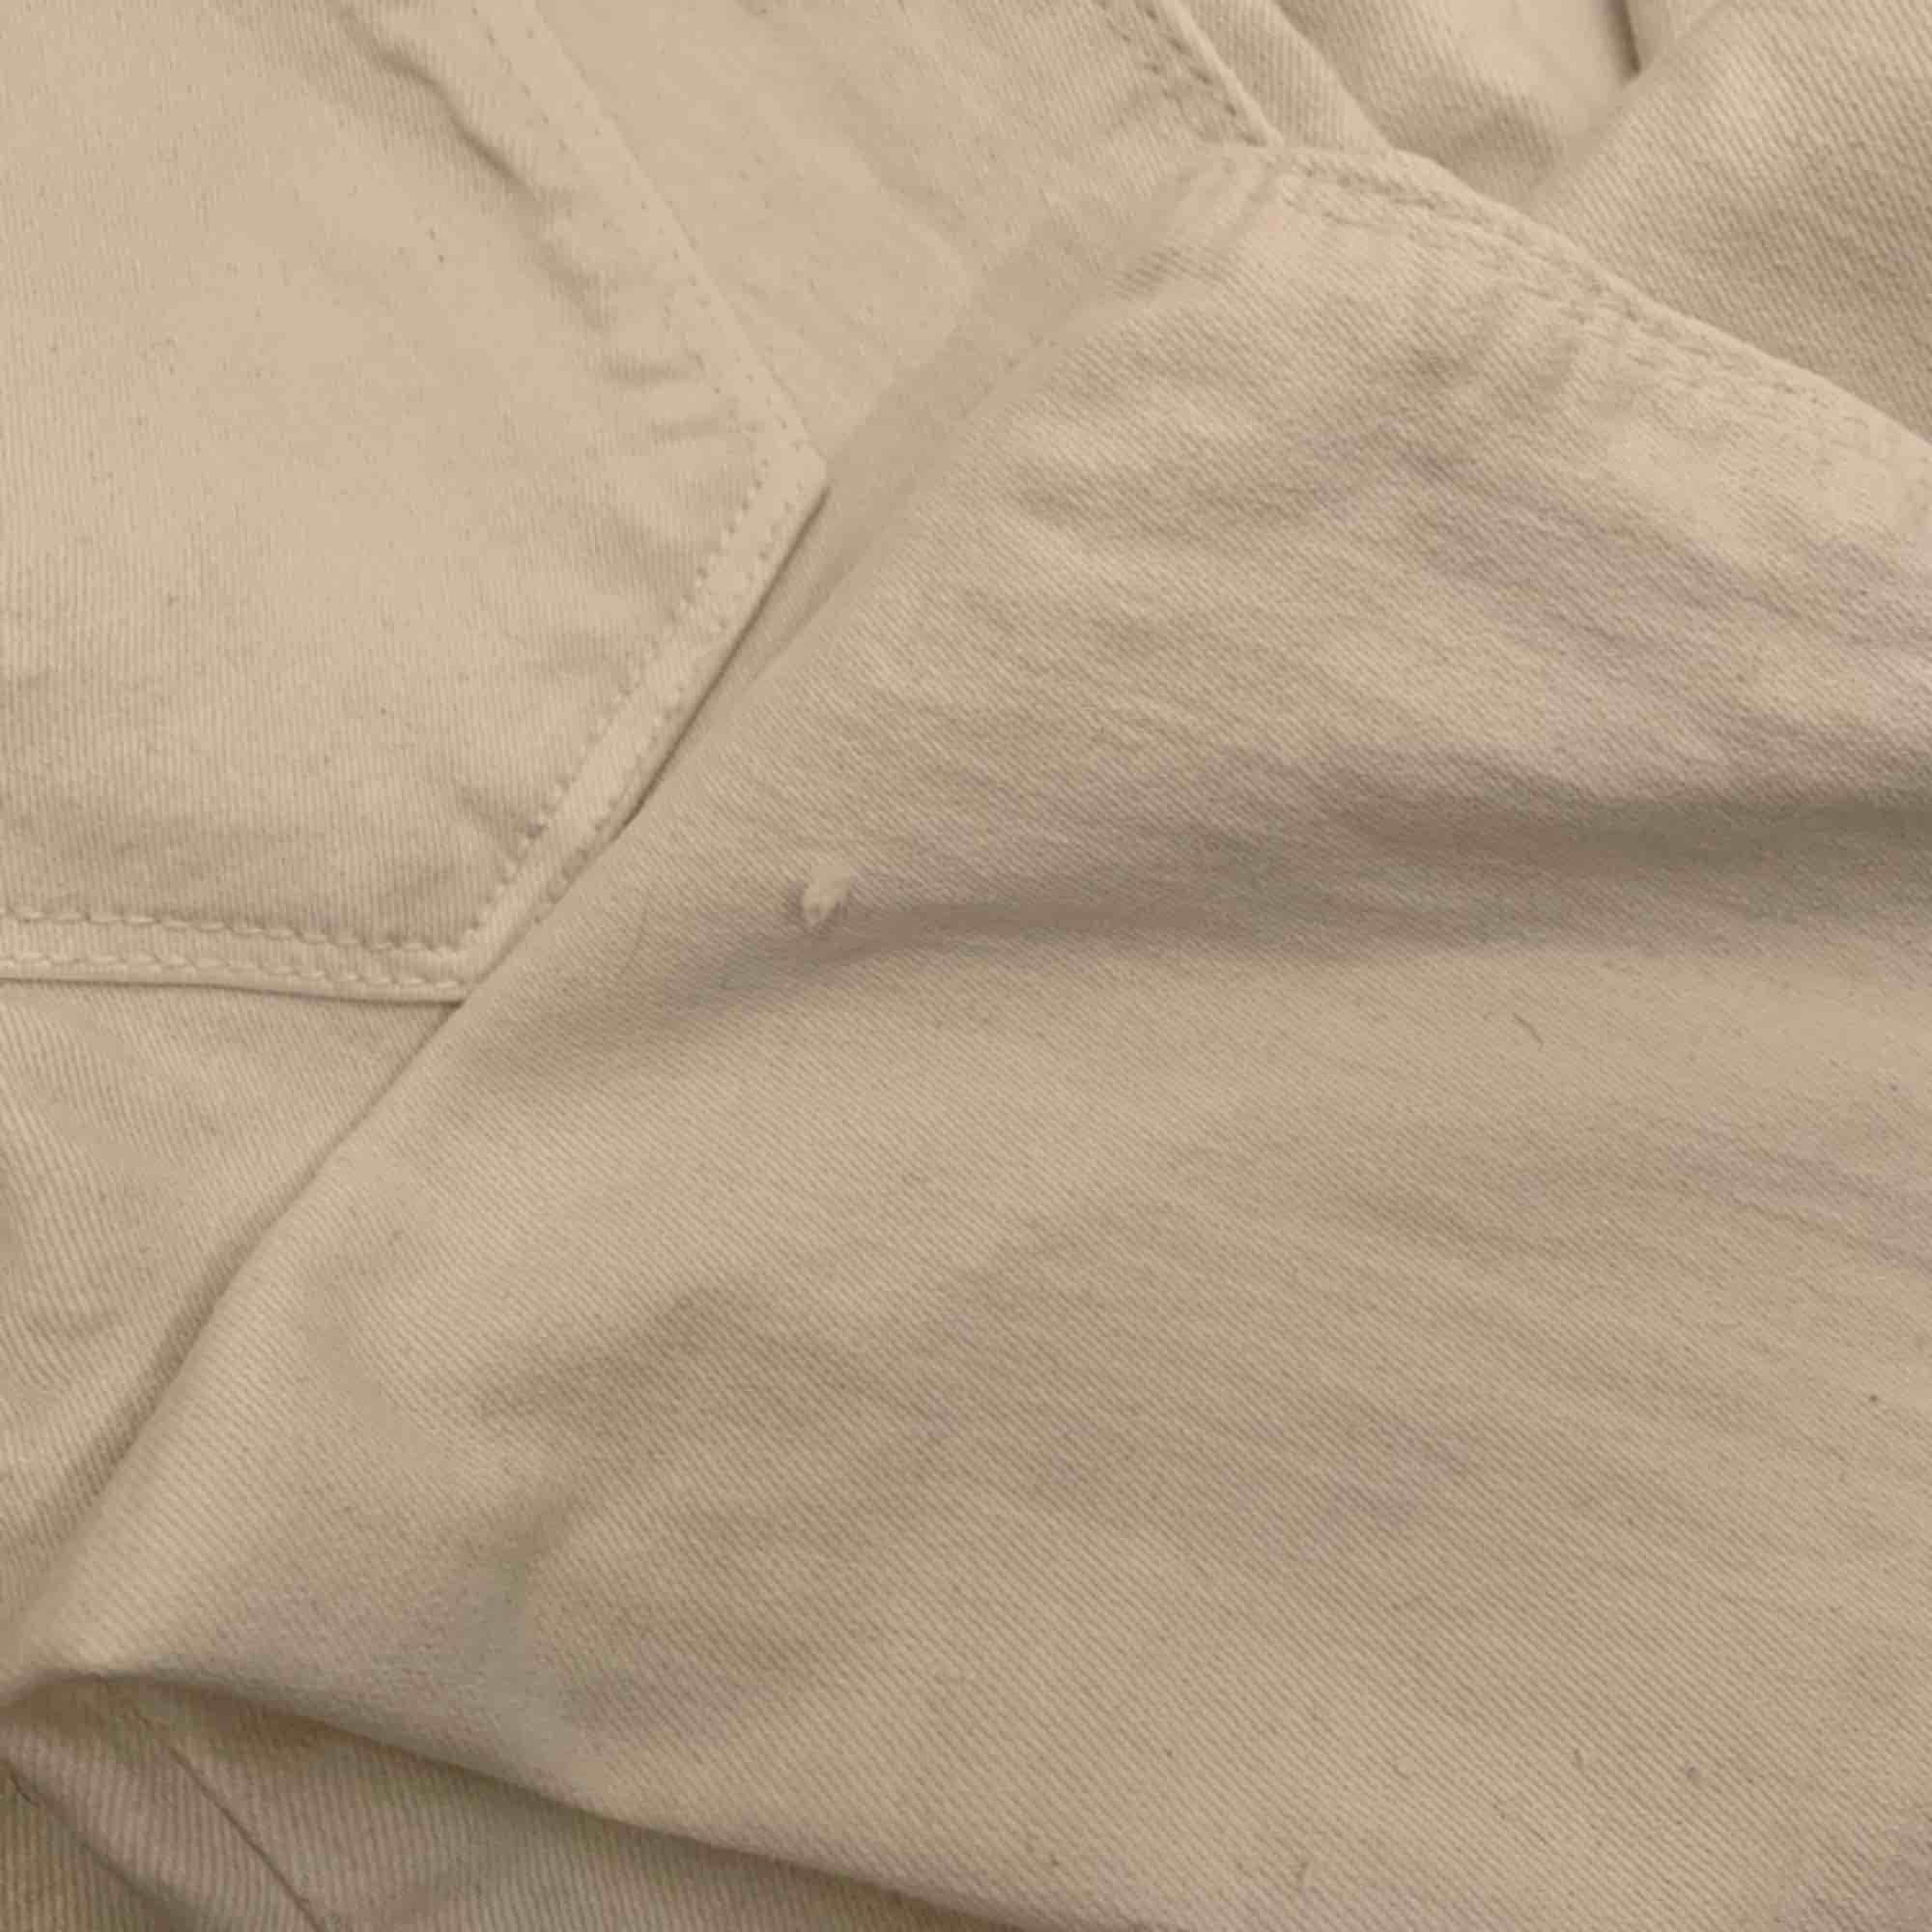 Vita högmidjde dr.denim jeans storlek xs i använt skick, har defekter därav priset. Frakt kostar 55kr extra, postar med videobevis/bildbevis. Jag garanterar en snabb pålitlig affär!✨. Jeans & Byxor.